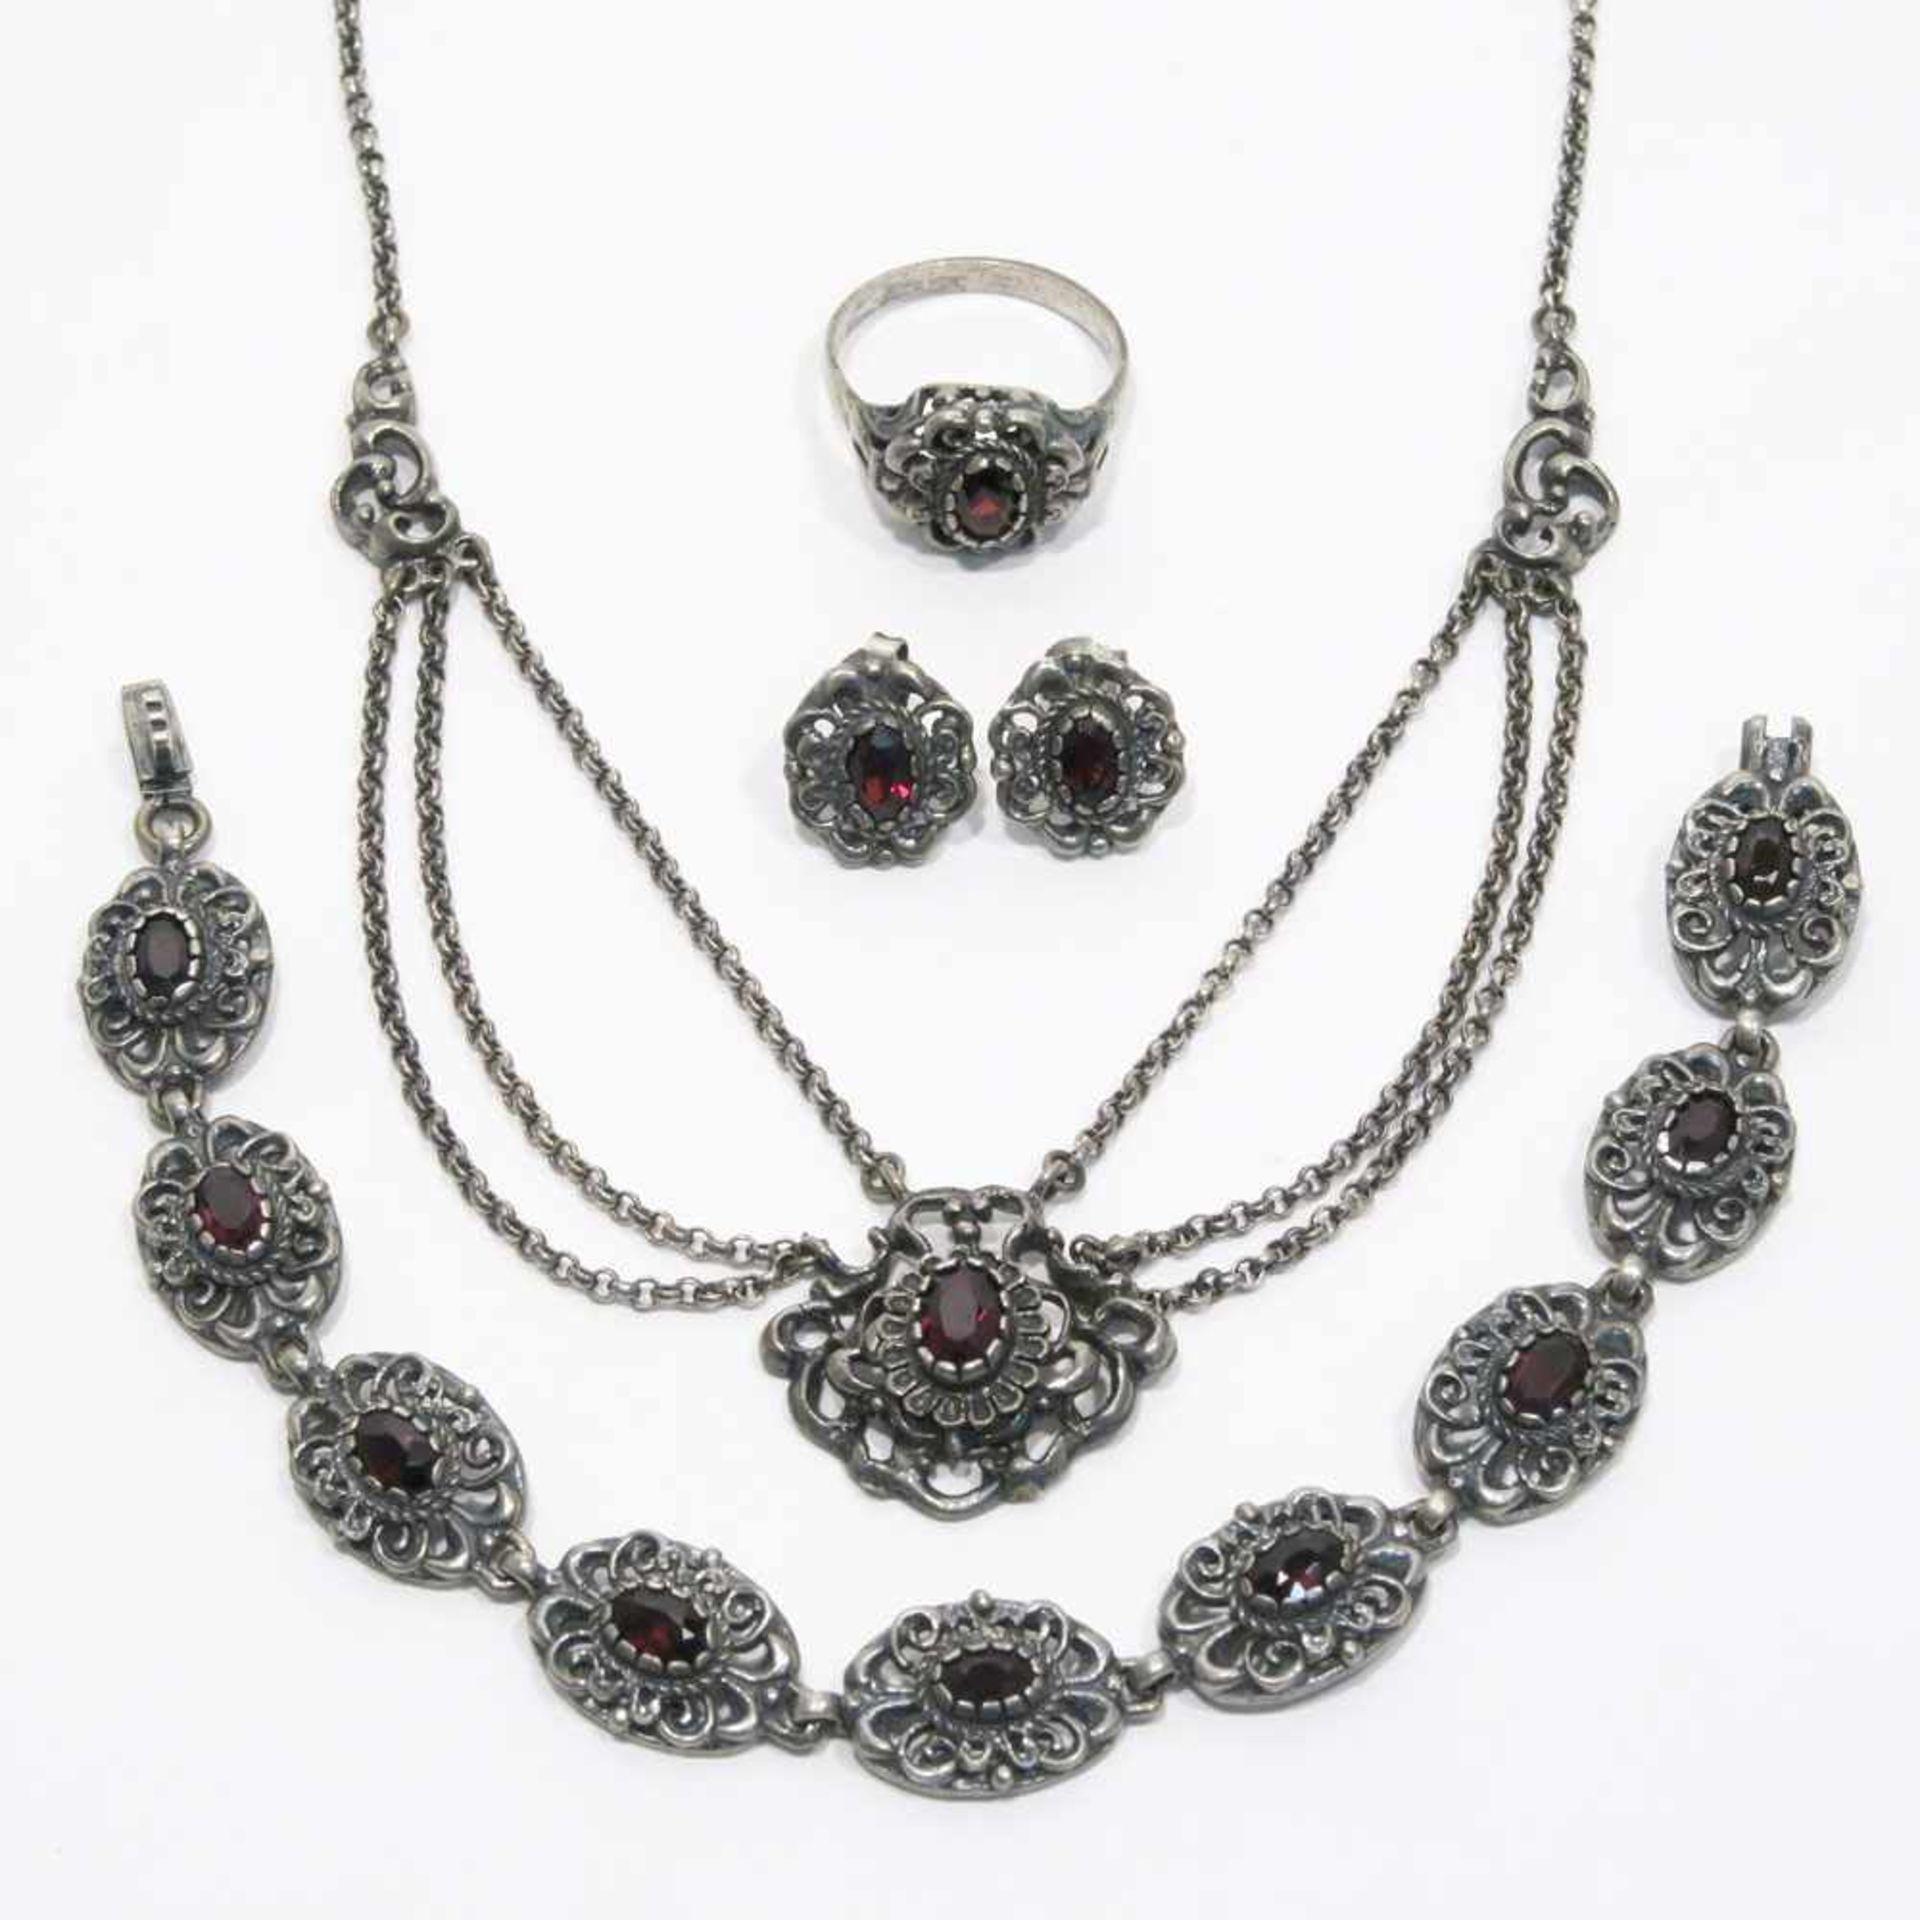 Parüre, 4tlg.Silber, Marken (800). Floraler, durchbrochener Dekor, mit ovalen Granaten besetzt. L.